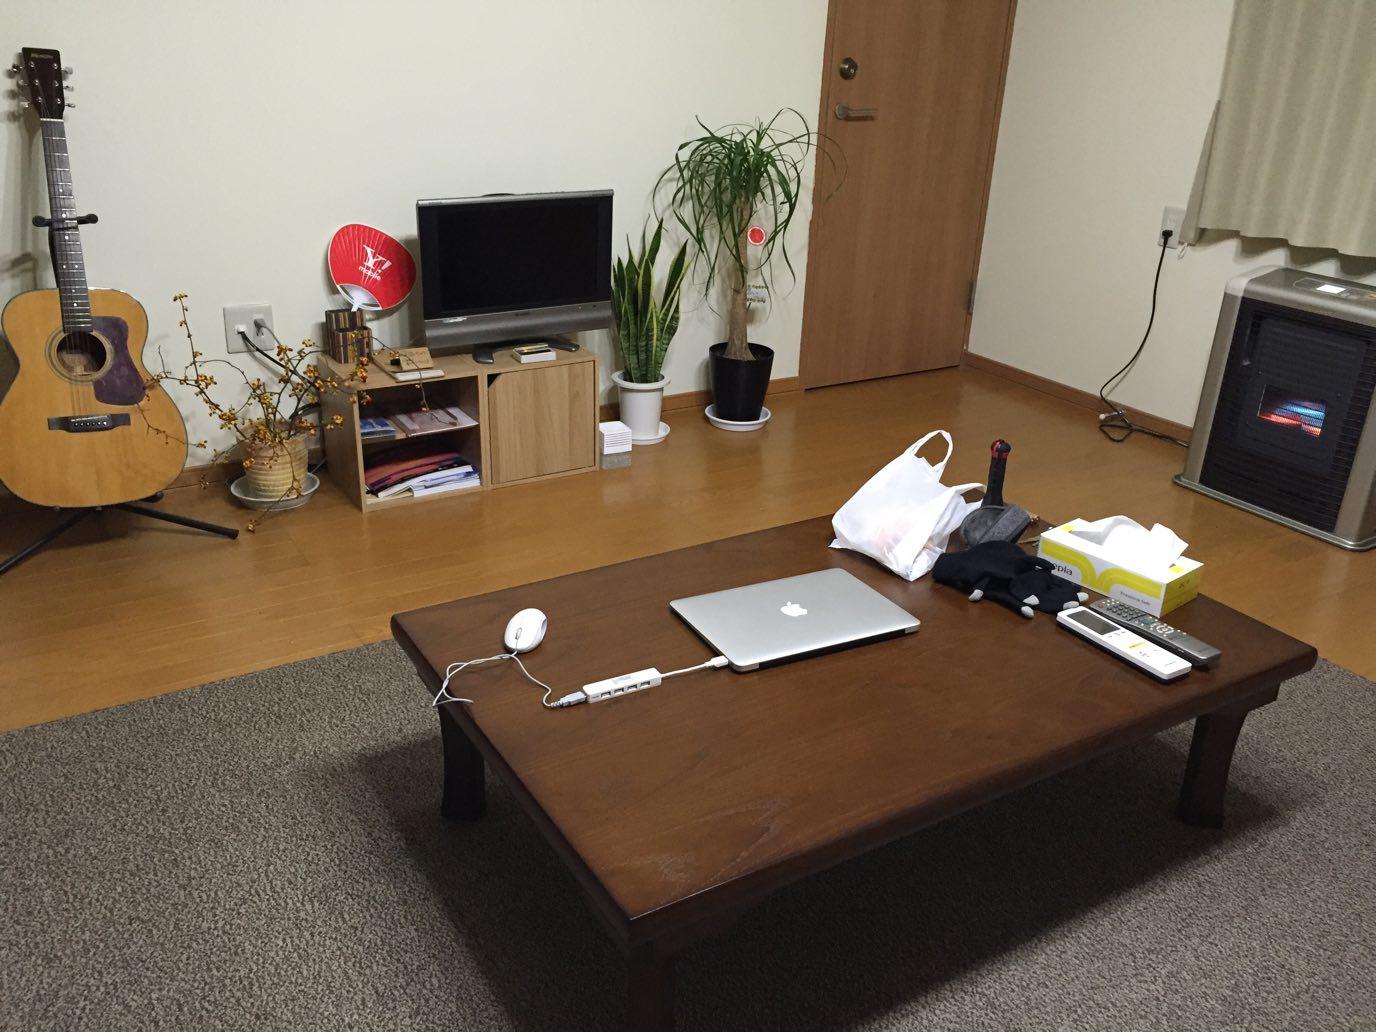 根室にある本土最東端のゲストハウス「とまや」で1泊♪とてもきれいなゲストハウスを独り占めしたぞ!【日本一周鉄道旅行記その10】